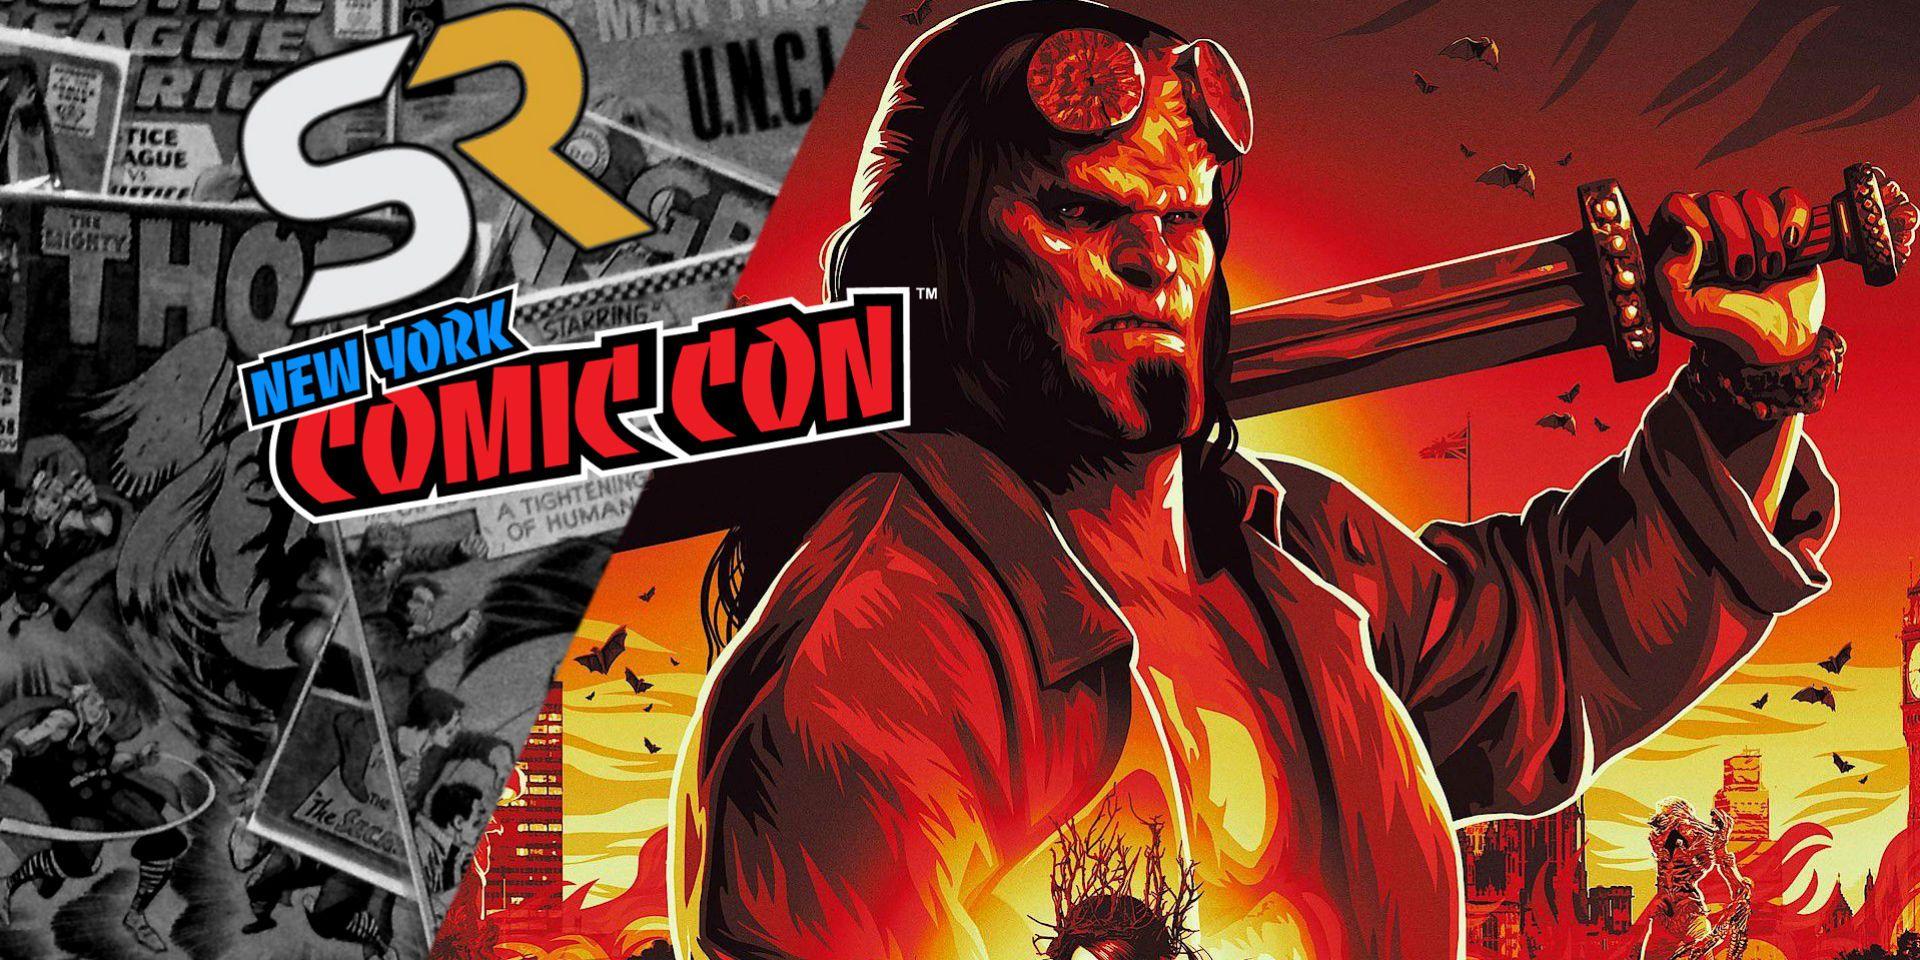 Hellboy NYCC Trailer D... Milla Jovovich Hellboy Reboot